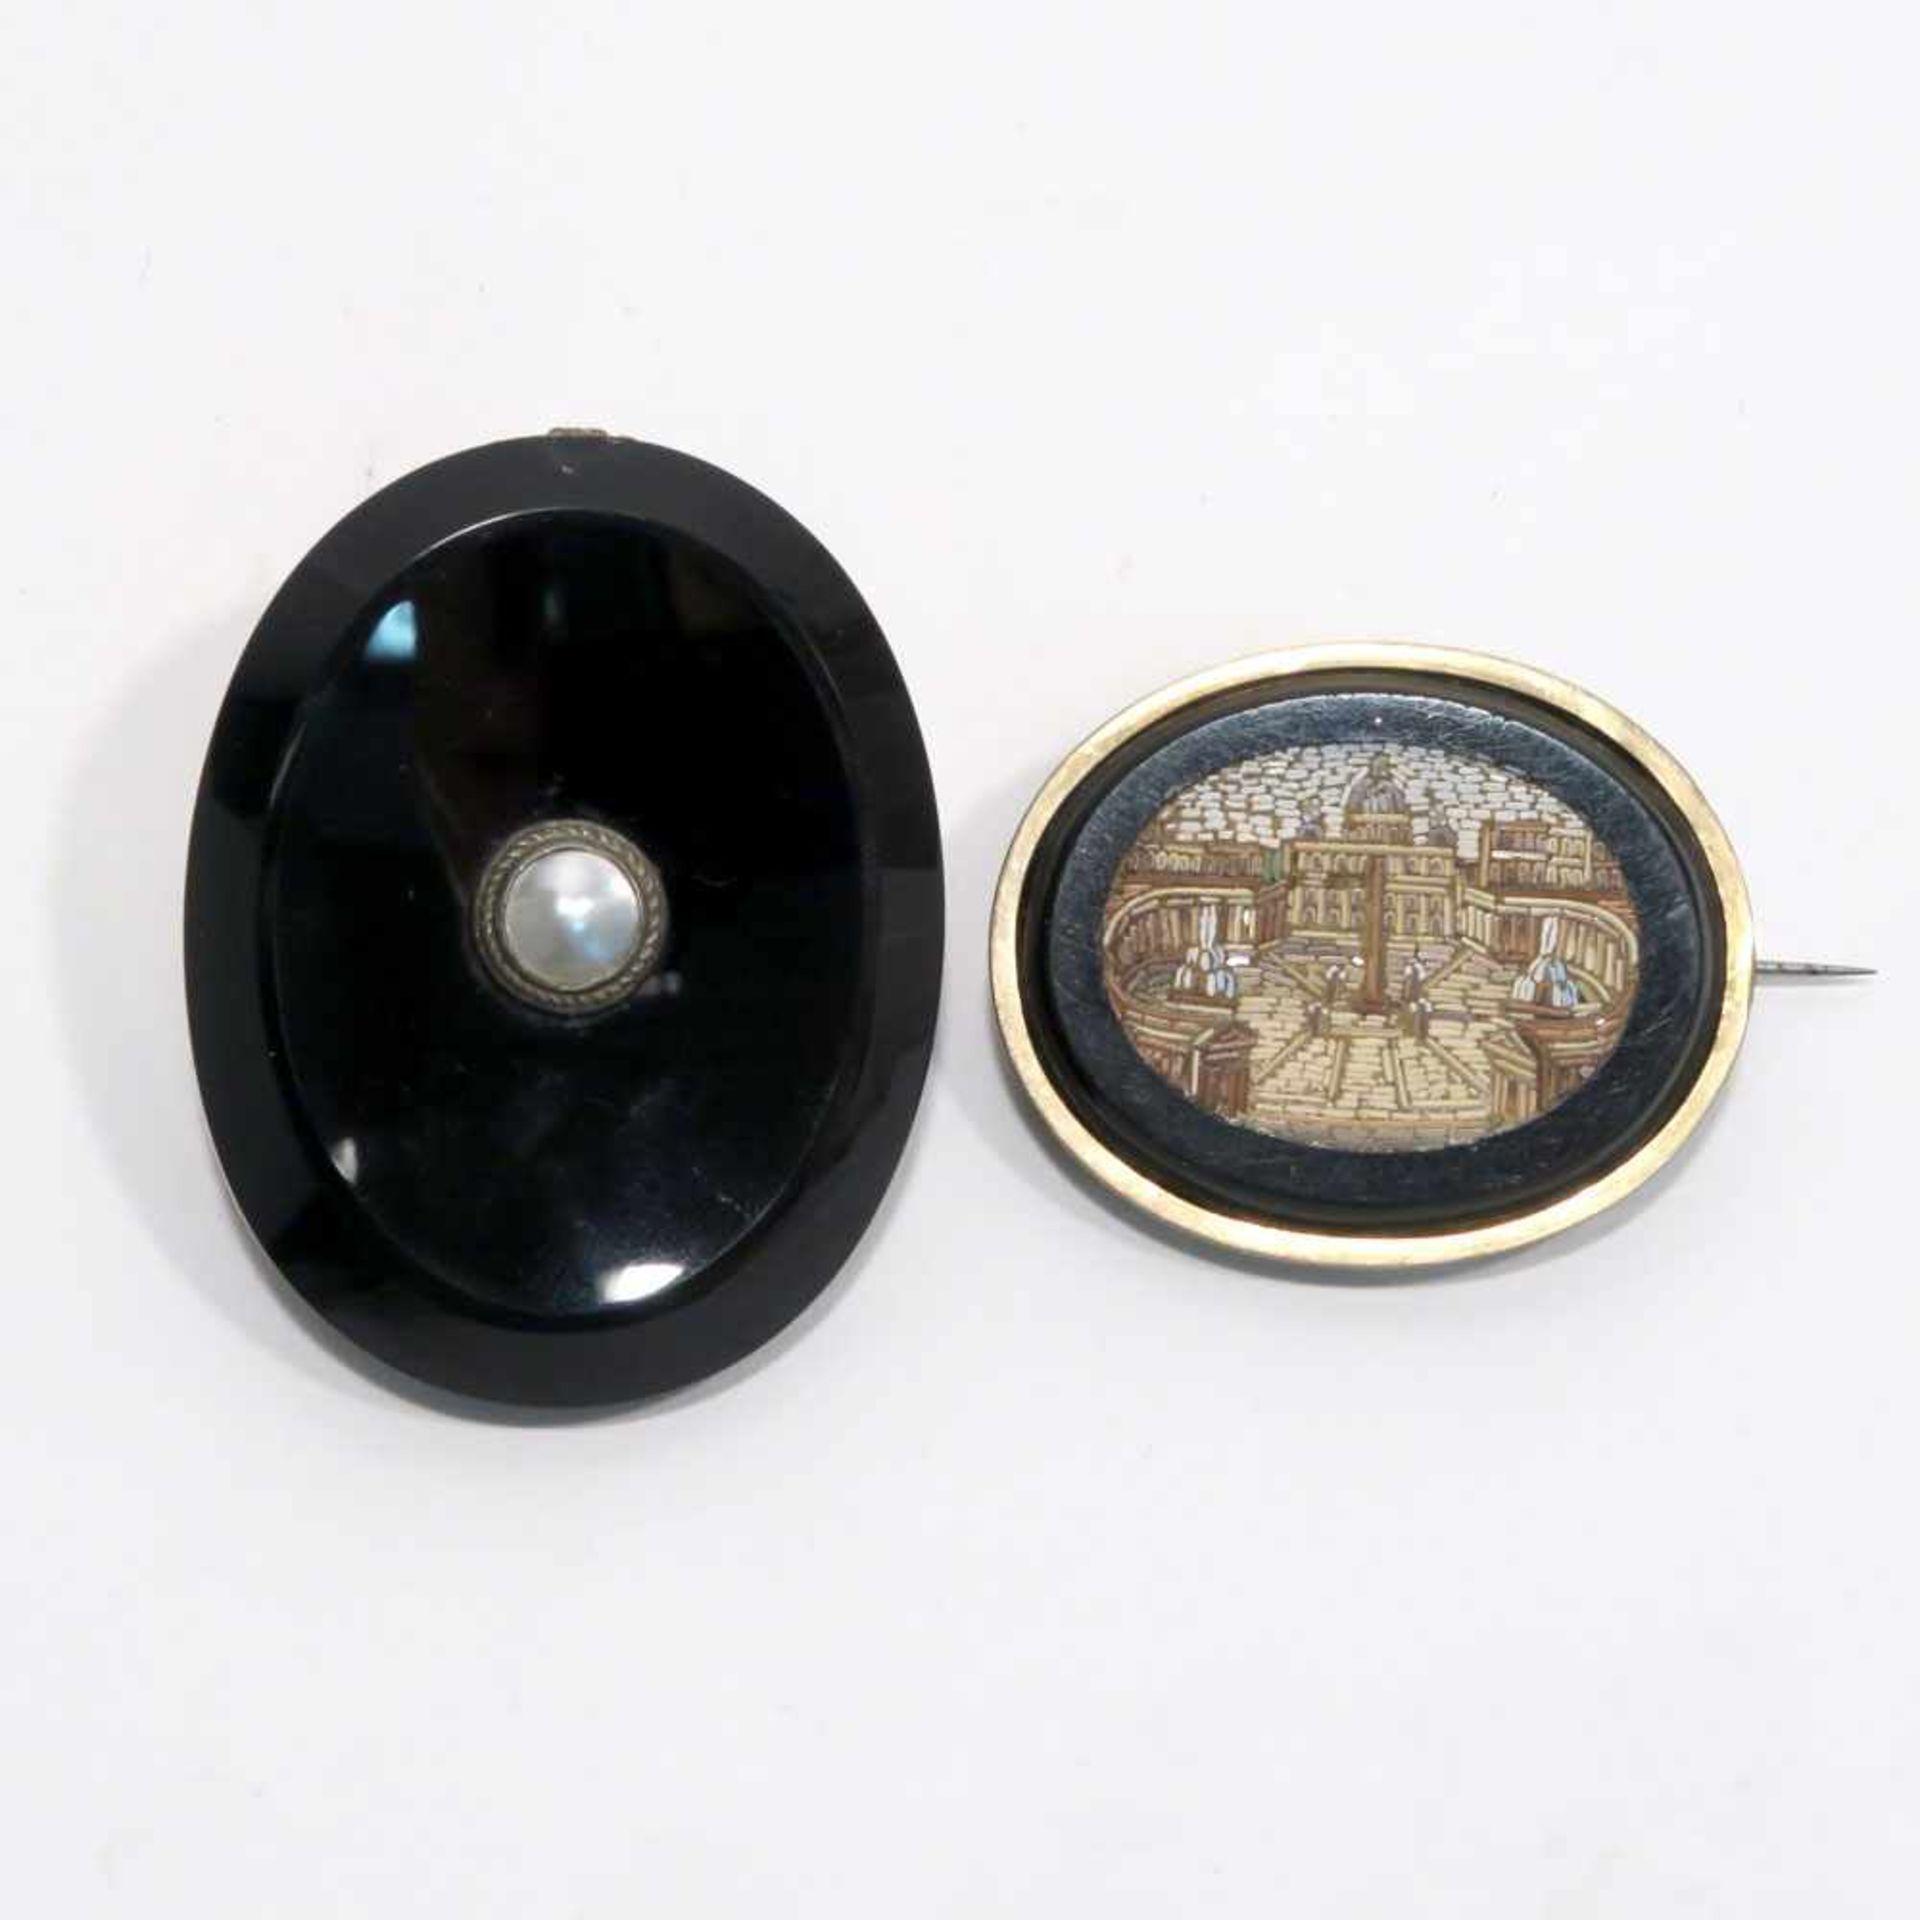 Brosche und AnhängerBrosche um 1860. Silber, (geprüft: Rahmung und Nadel). Ovaler Onyx mit